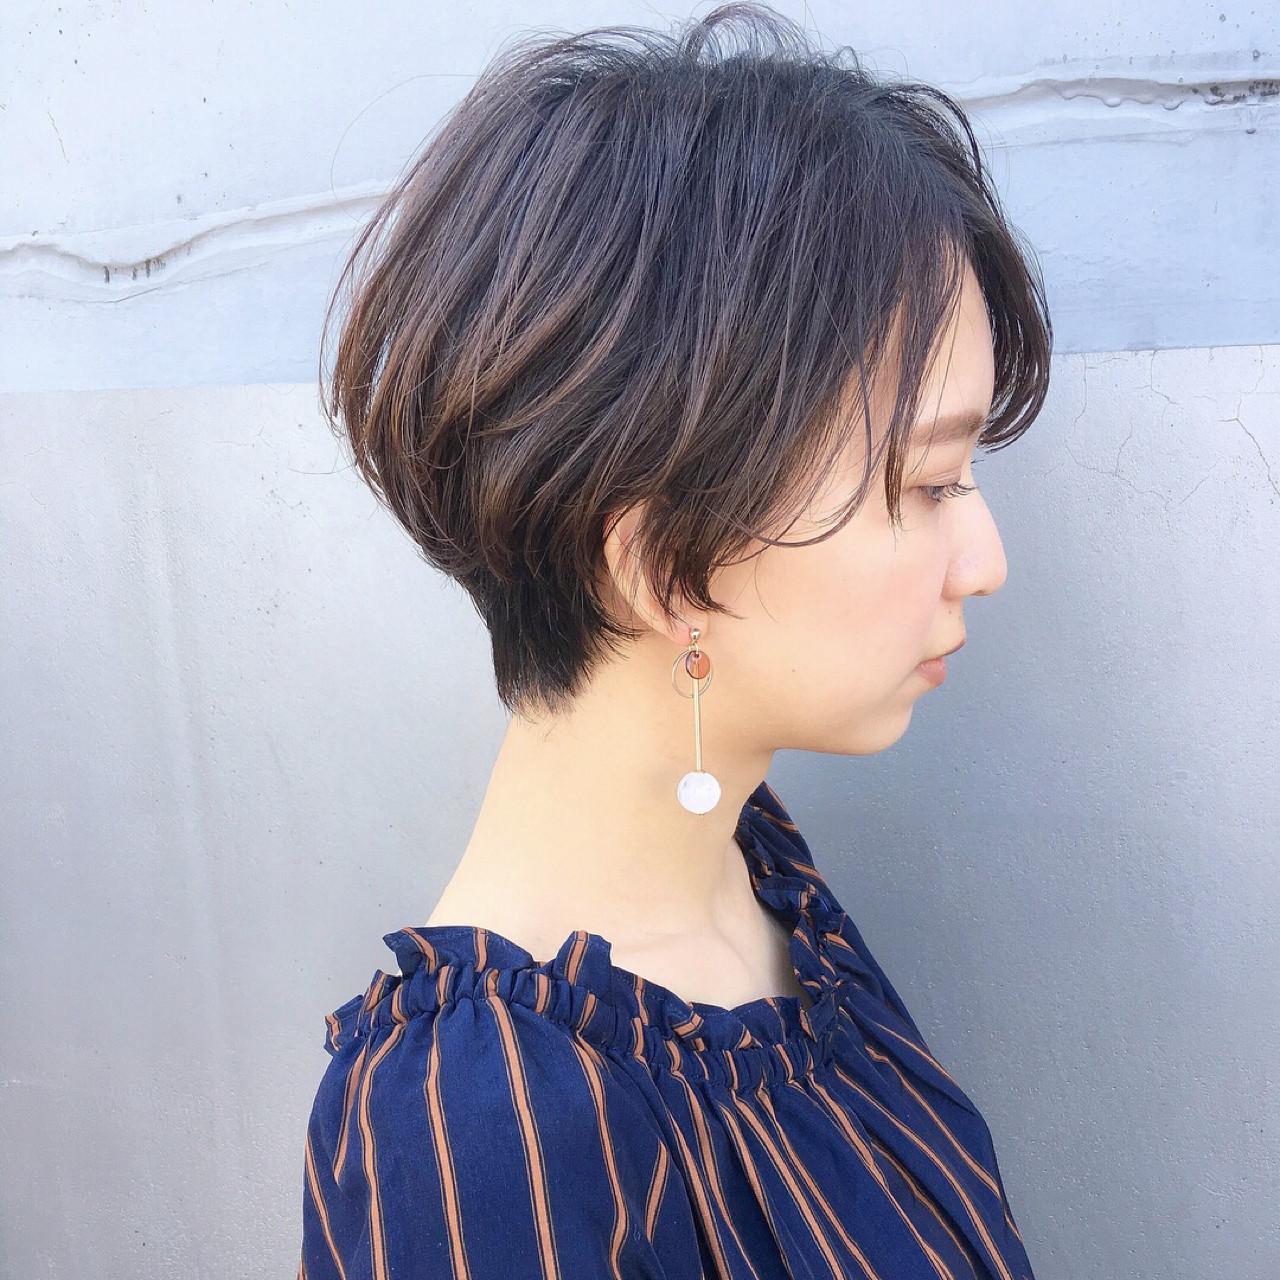 ウェーブ 色気 大人かわいい ゆるふわ ヘアスタイルや髪型の写真・画像   ショートボブの匠【 山内大成 】『i.hair』 / 『 i. 』 omotesando